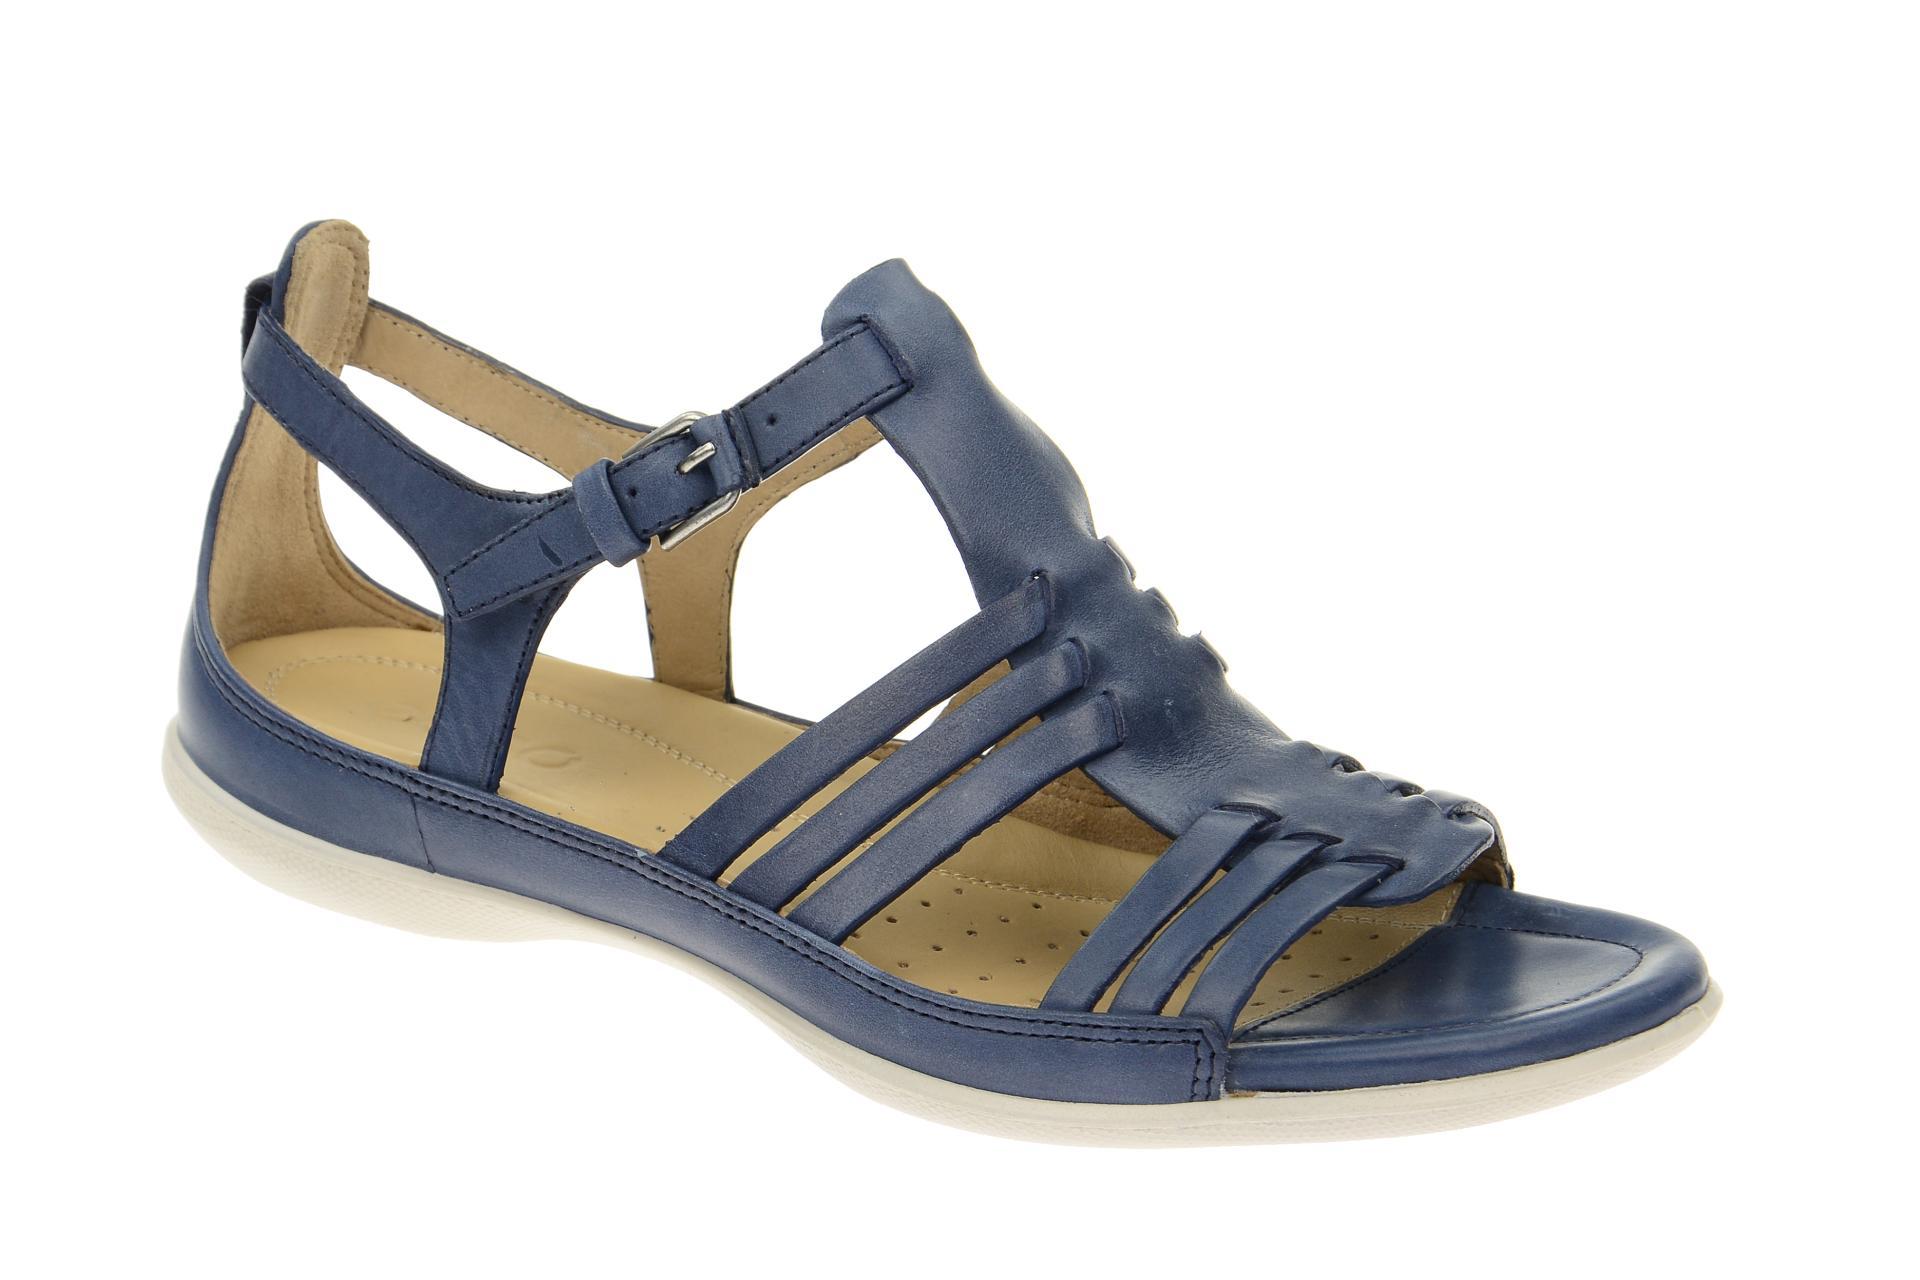 Ecco Flash Sandale blau denim 24074302086